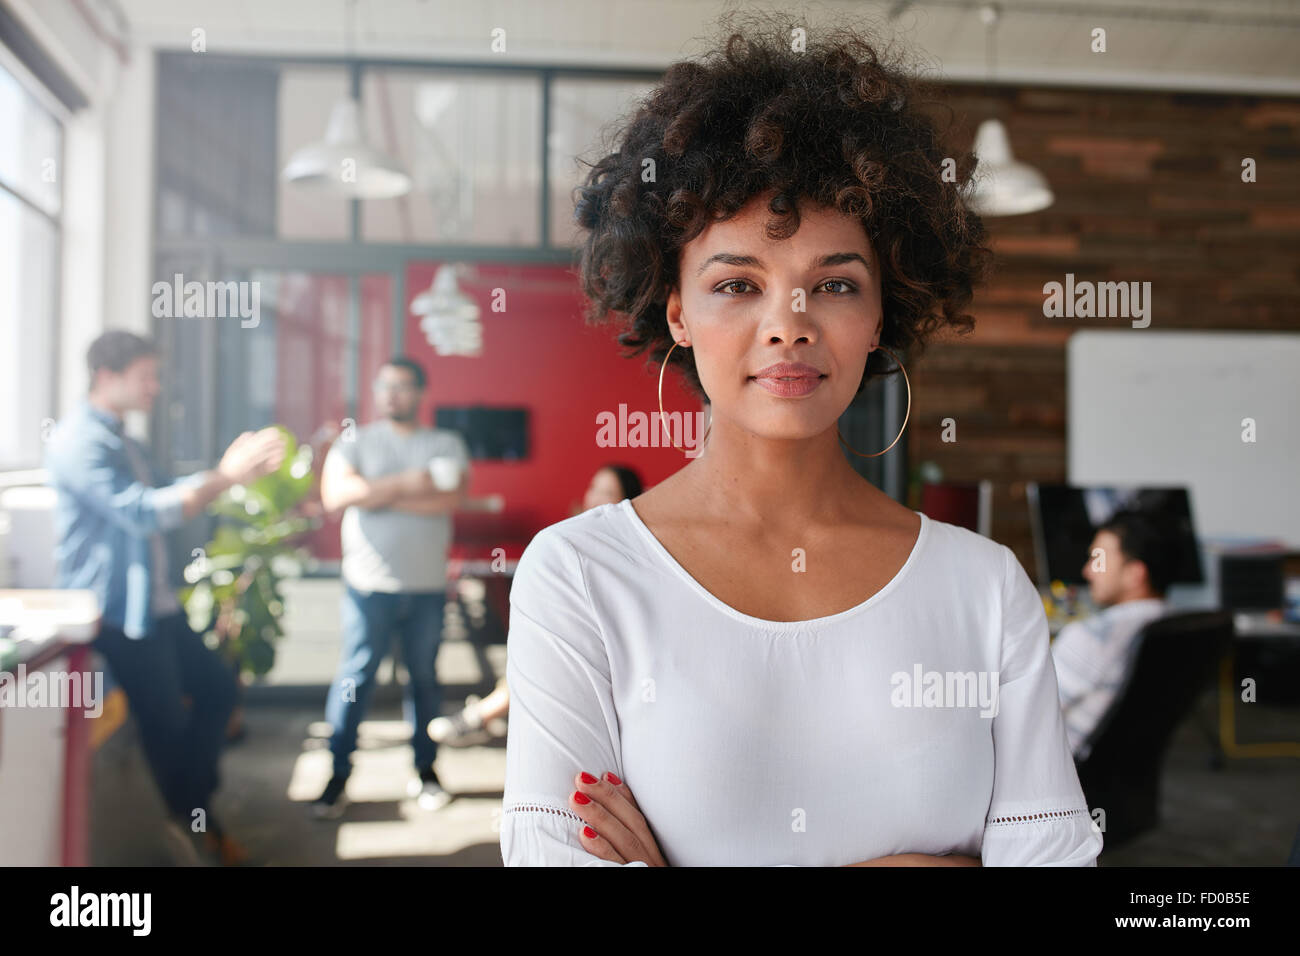 Porträt der Frau im geschäftigen Kreativbüro Blick in die Kamera. Attraktive weibliche Kreativ-Profis Stockbild